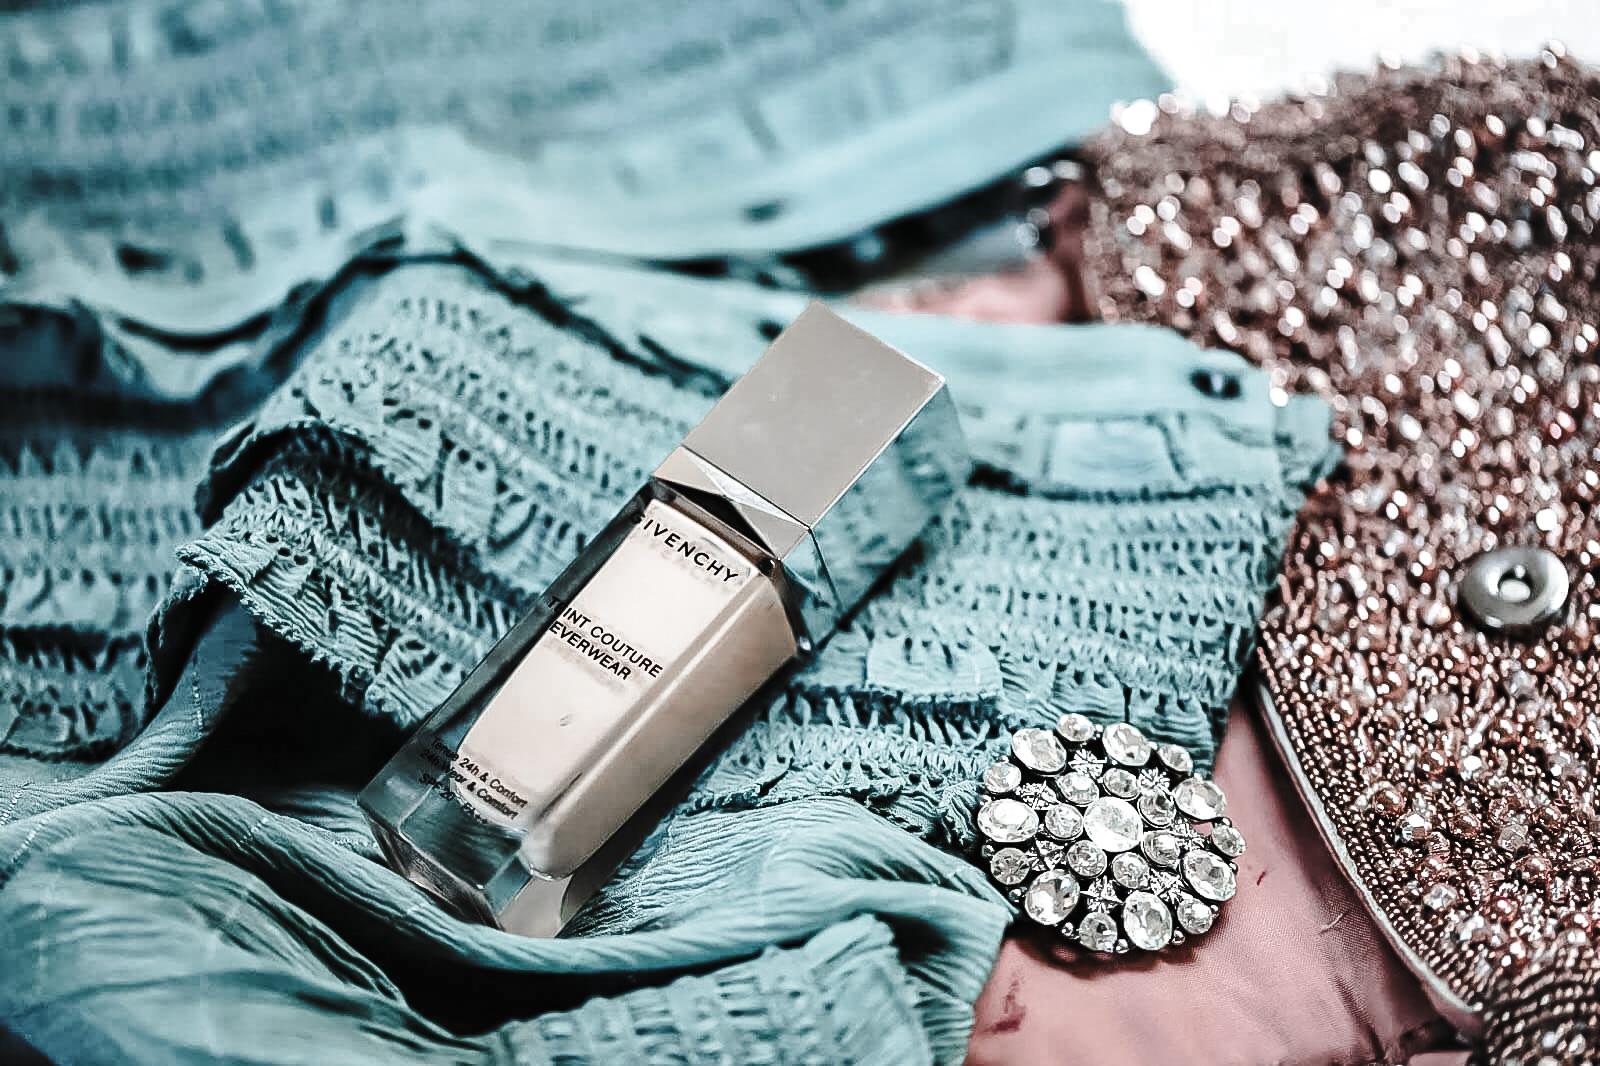 Givenchy Teint Couture Fond de Teint Avis